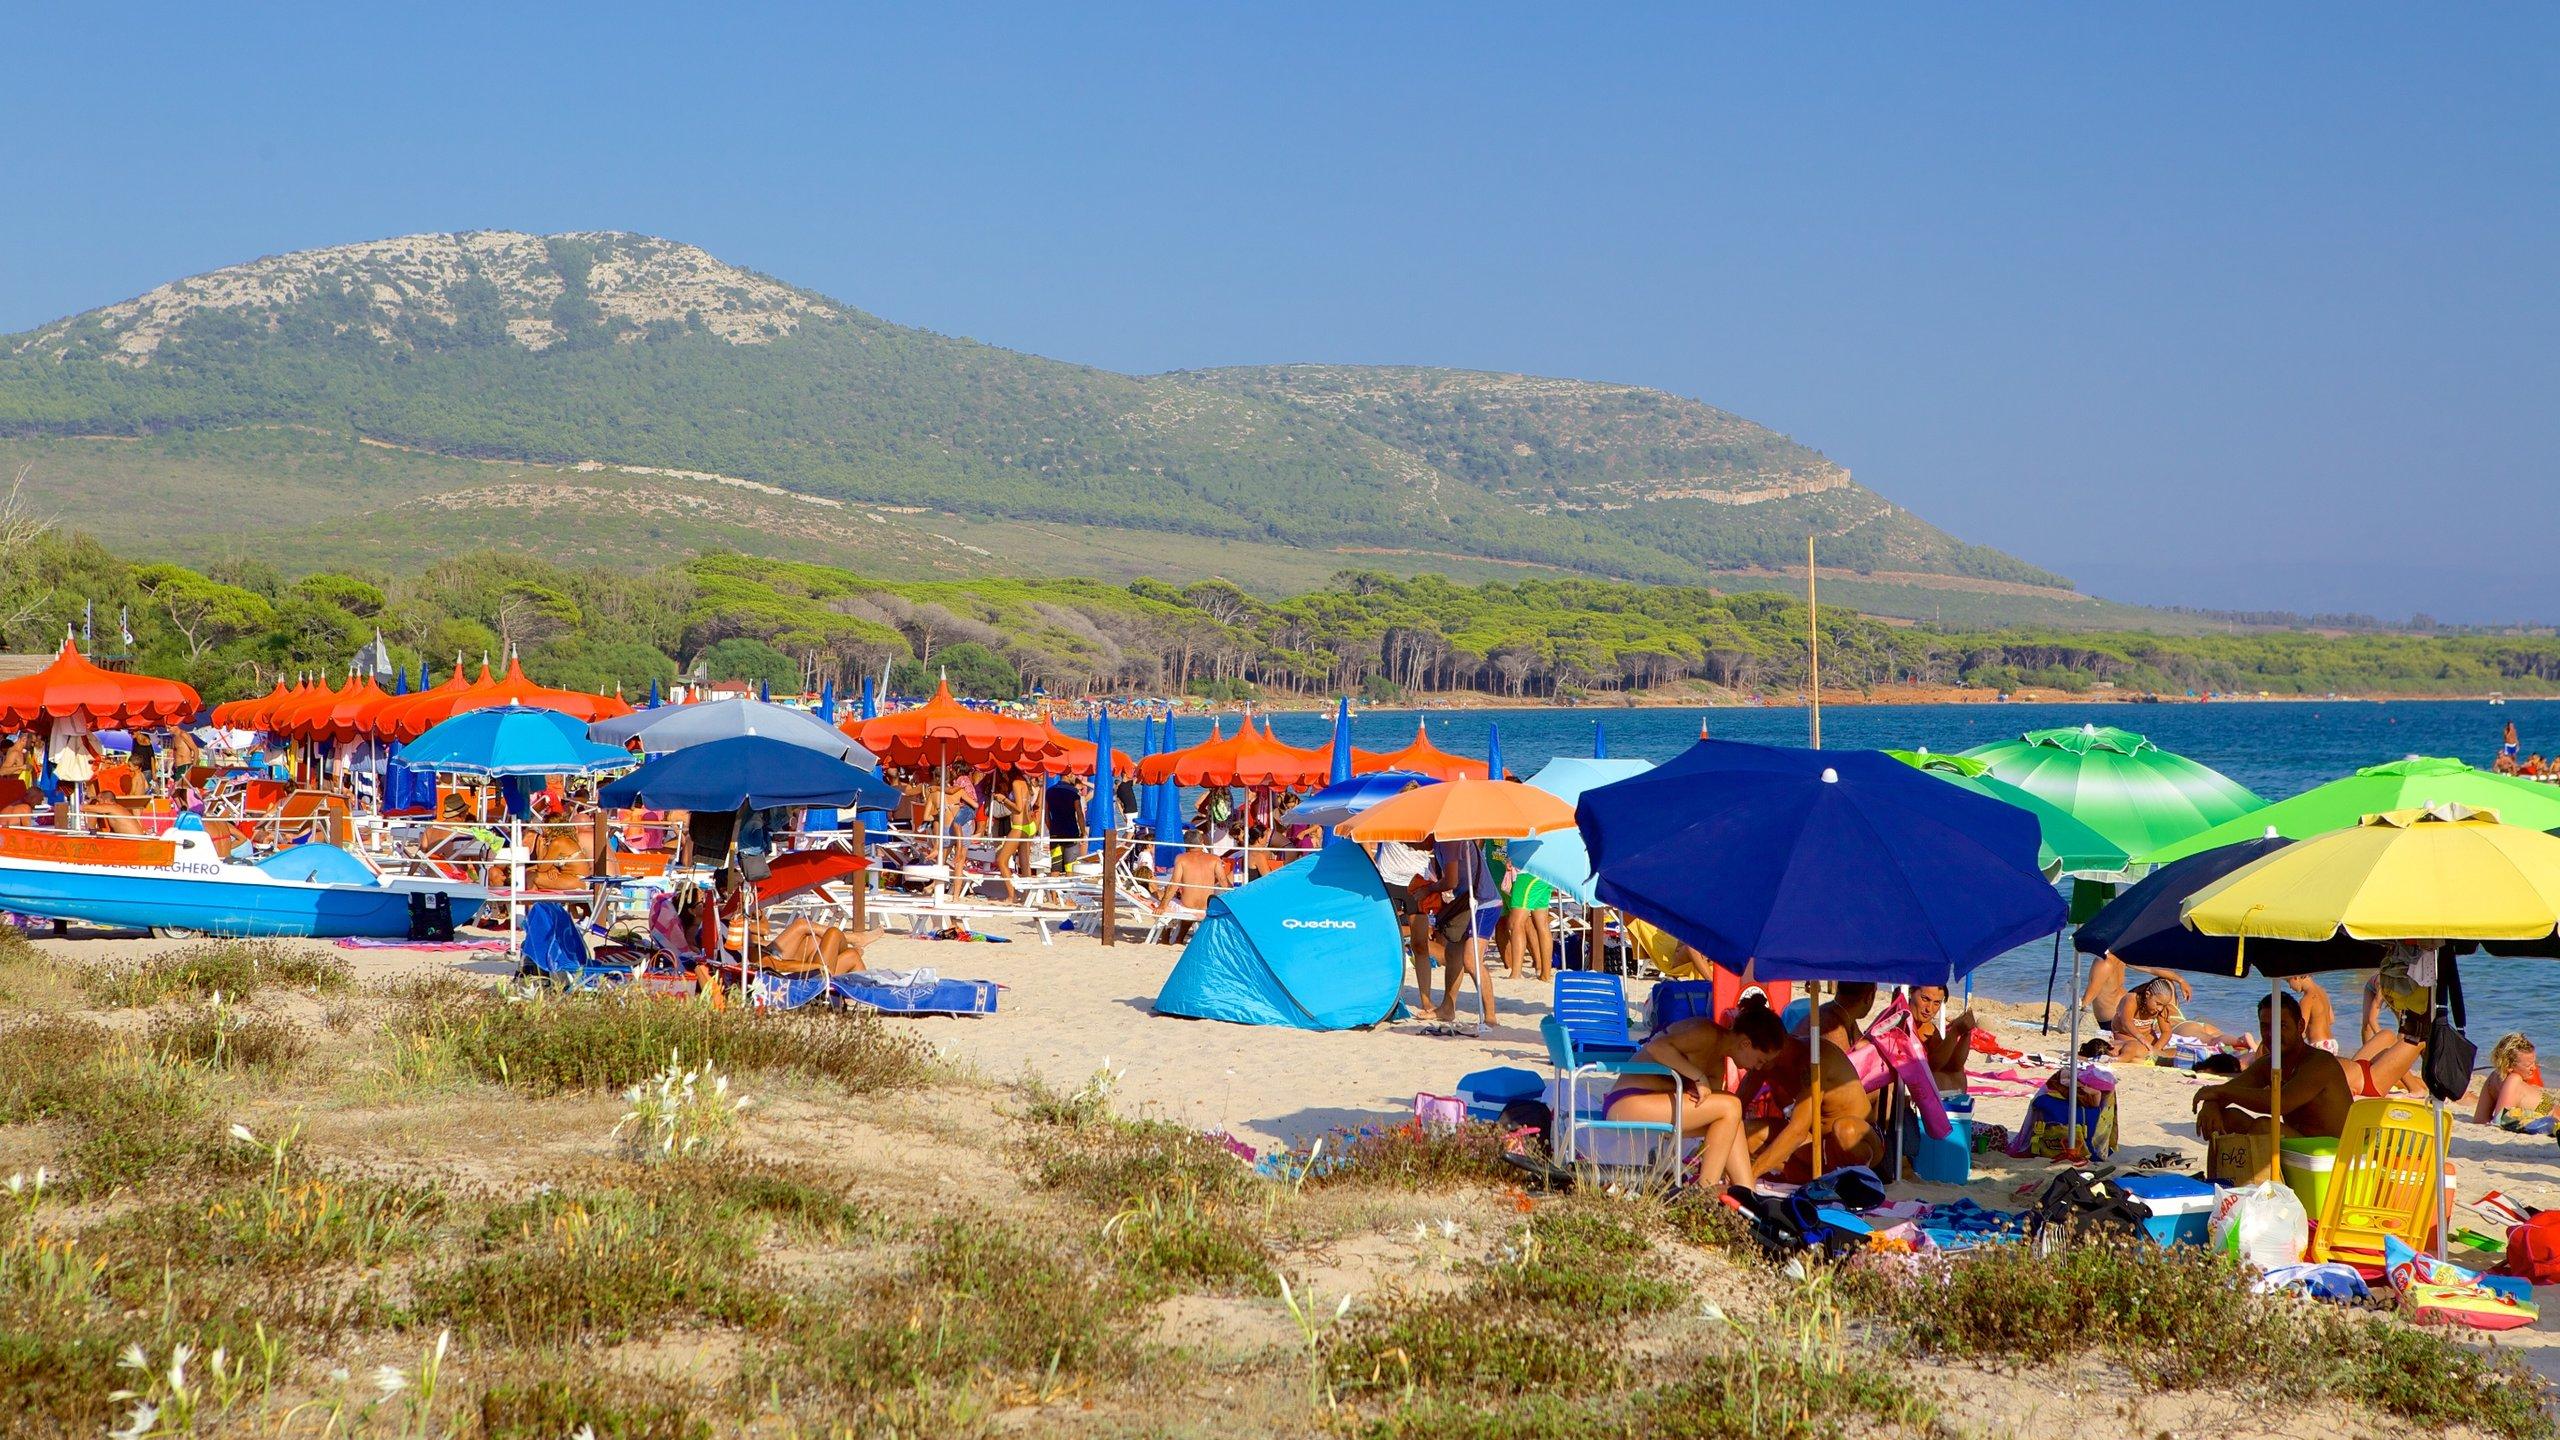 Spiaggia di Mugoni, Alghero, Sardegna, Italia